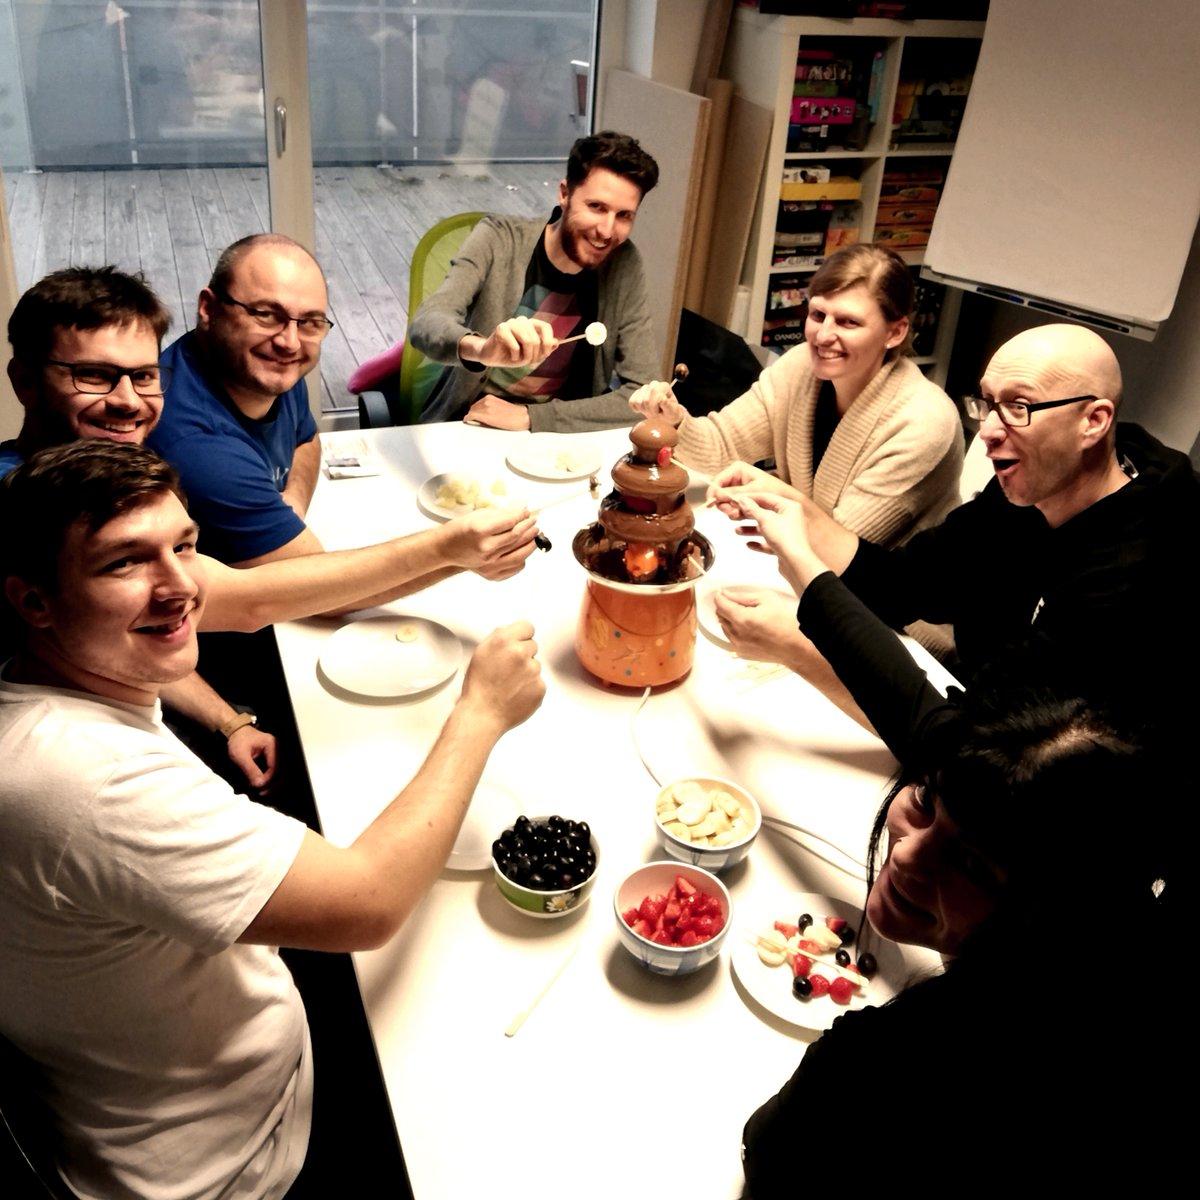 Abwechslung wird bei Rudy Games ganz groß geschrieben. Darum gibt heute Schokolade zum Nachtisch. #gemeinsamezeit pic.twitter.com/hHkSHi0pgc